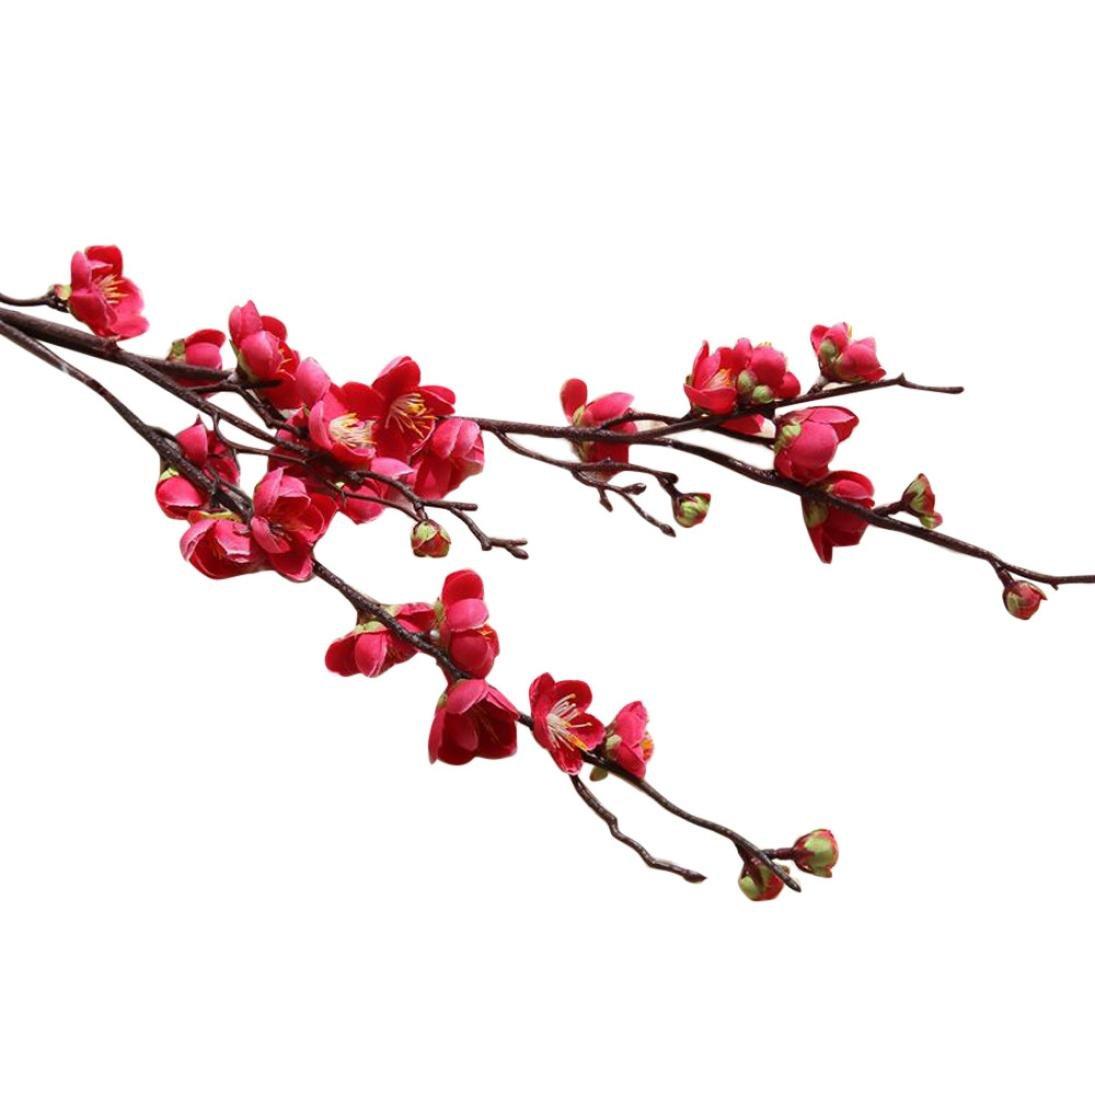 Fleurs artificielles, Mamum Fleurs Fleur Floral Cerisier Printemps Plumes Fleur Branche Simulation Soie Faux Mariage Bouquet FêTe DéCoration Art Romantique (rouge) Mamum-18062908